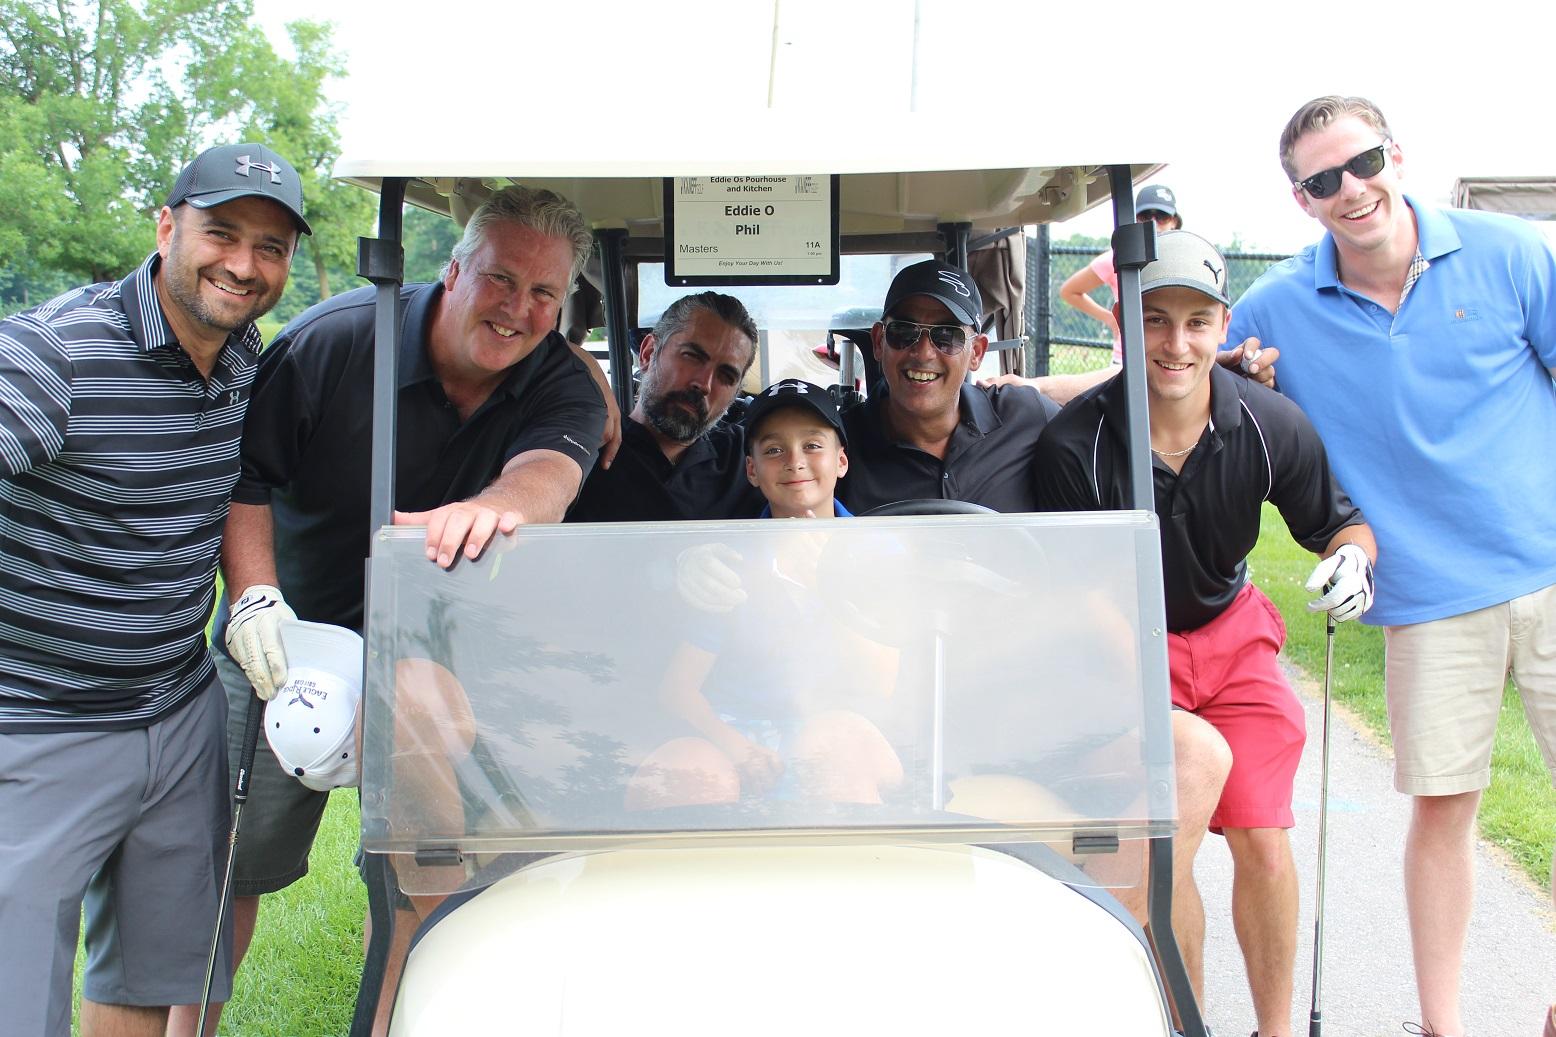 EddieO's Golf Eddie crew 2.jpg